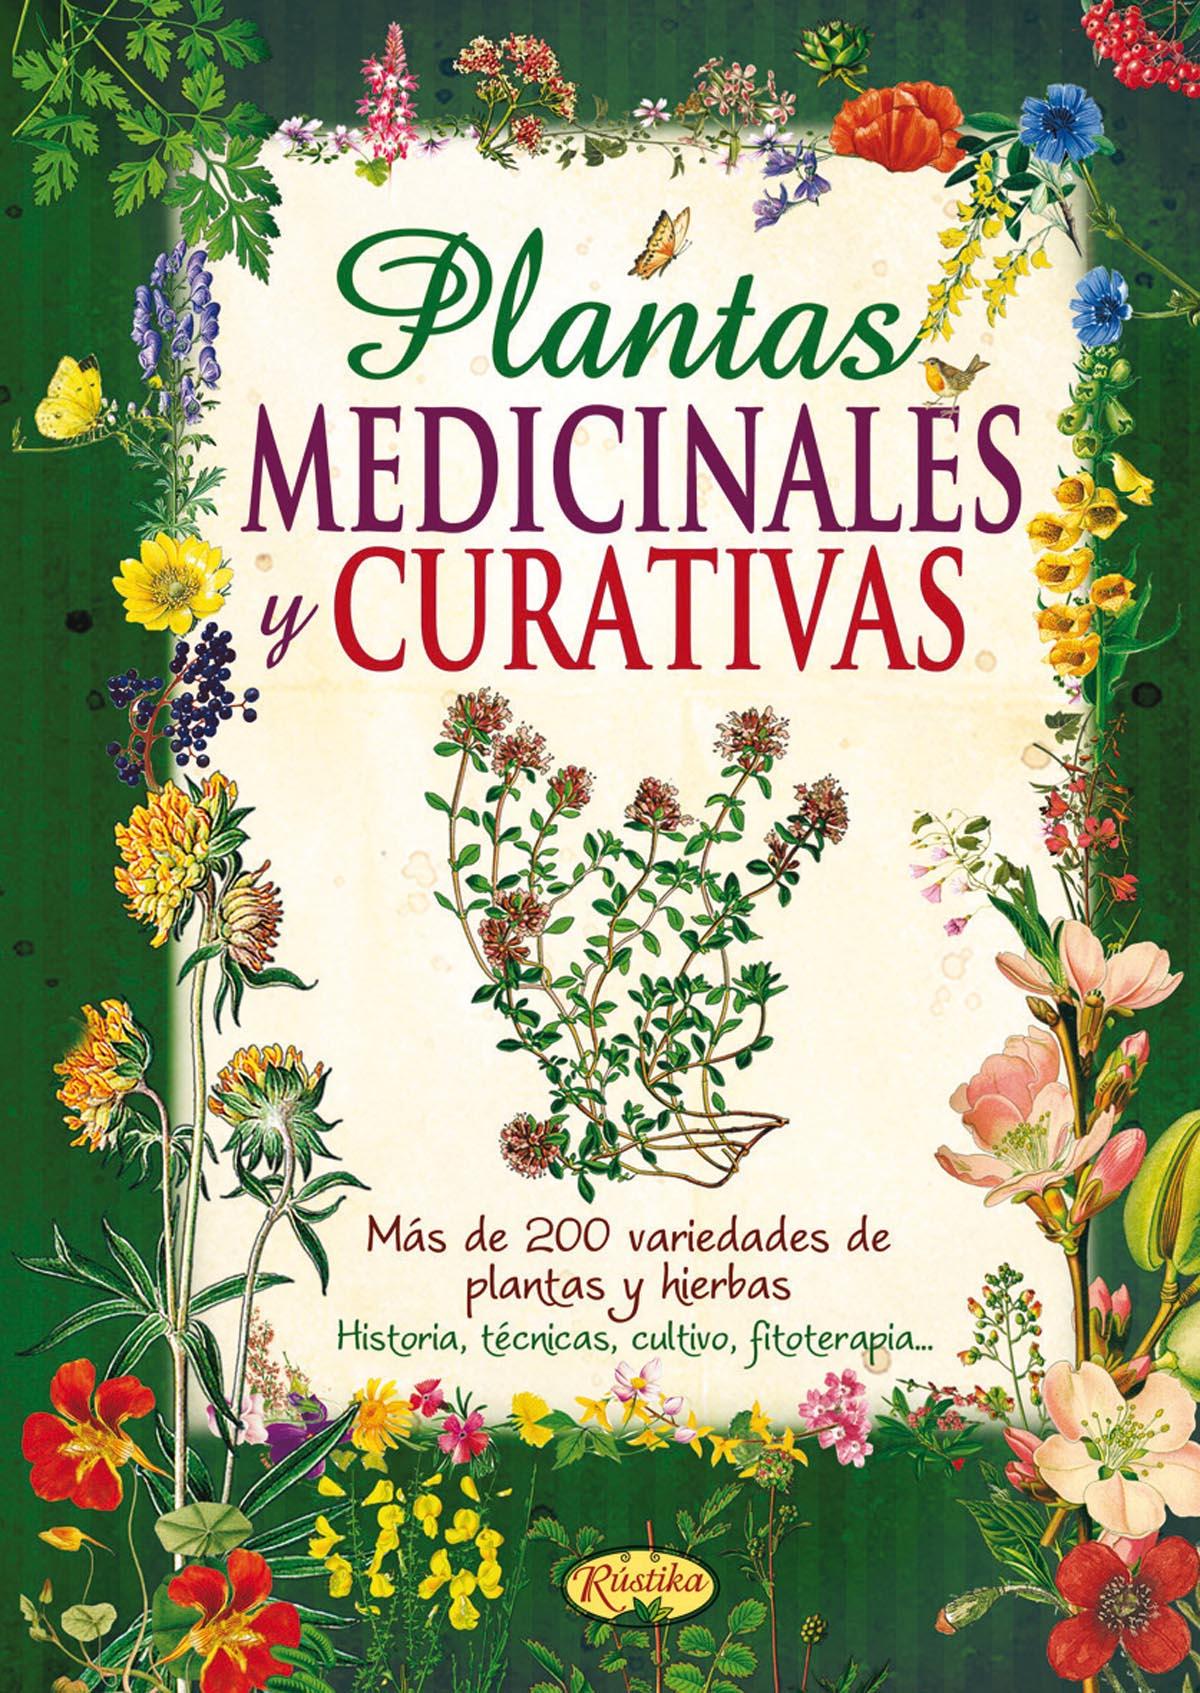 libros de jardiner a rustika todo libro libros